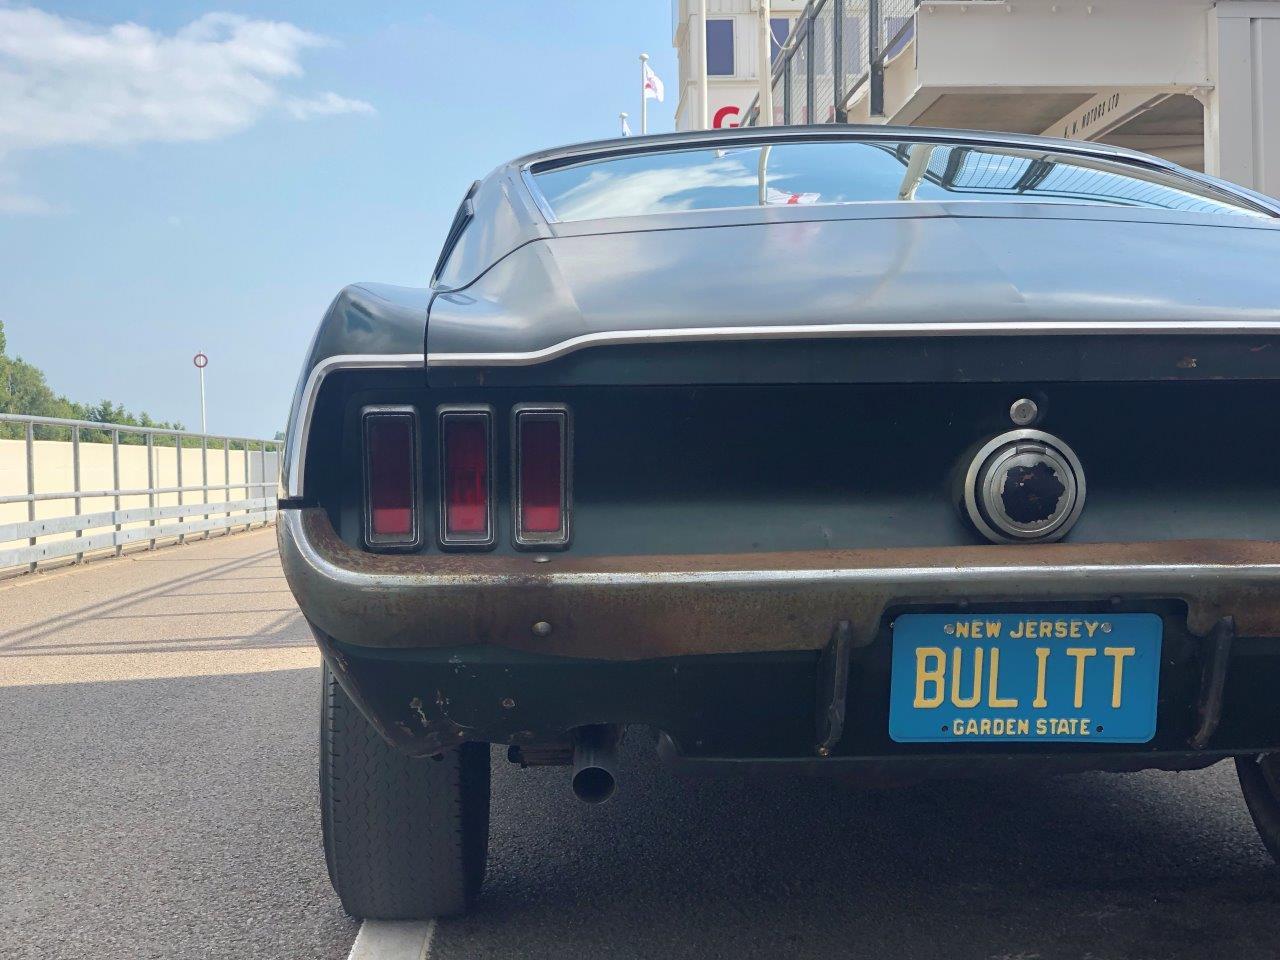 Bullitt car rear Bulitt